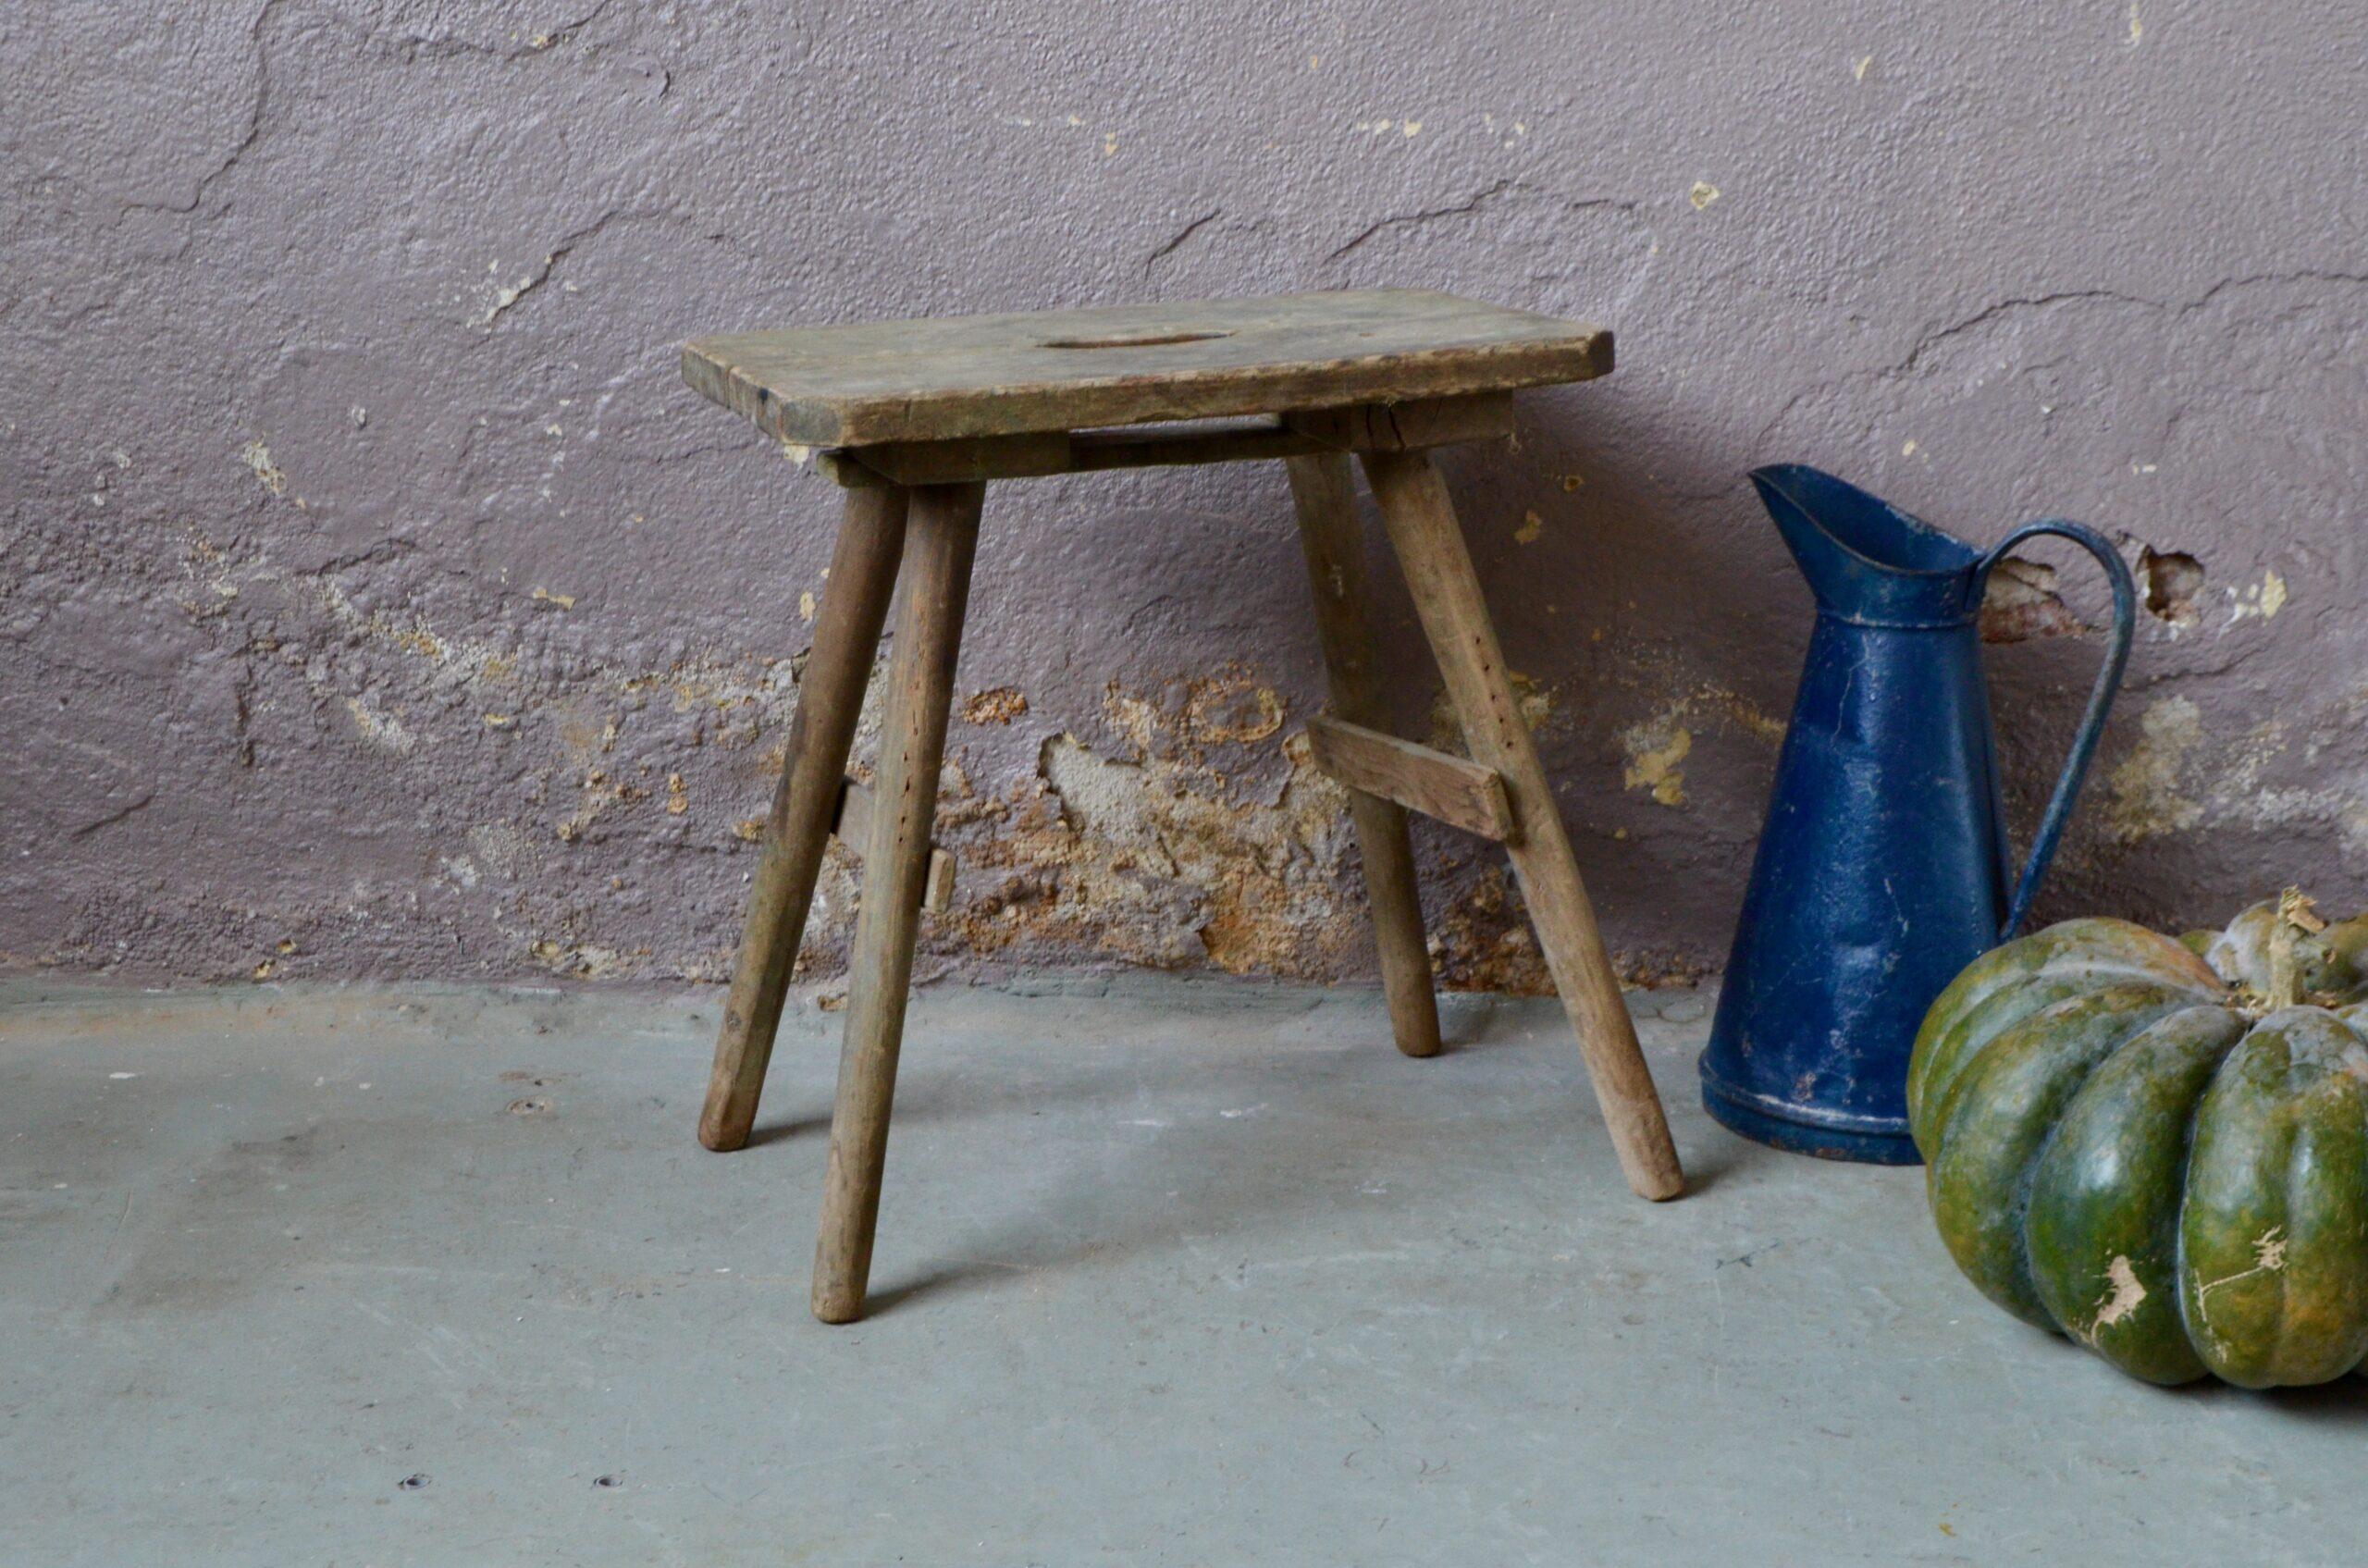 Ce tabouret de ferme nous touche par son dépouillement et son caractère primitif et bohème. Rustique, essentiel et marqué par son vécu, c'est un objet du quotidien qui a été utilisé longuement jusqu'à obtenir cette patine si particulière. On l'imagine guéridon minimaliste, porte-plantes primitif, table de nuit ou assise d'appoint dans le salon, non loin de la cheminée et de la peau de bête...